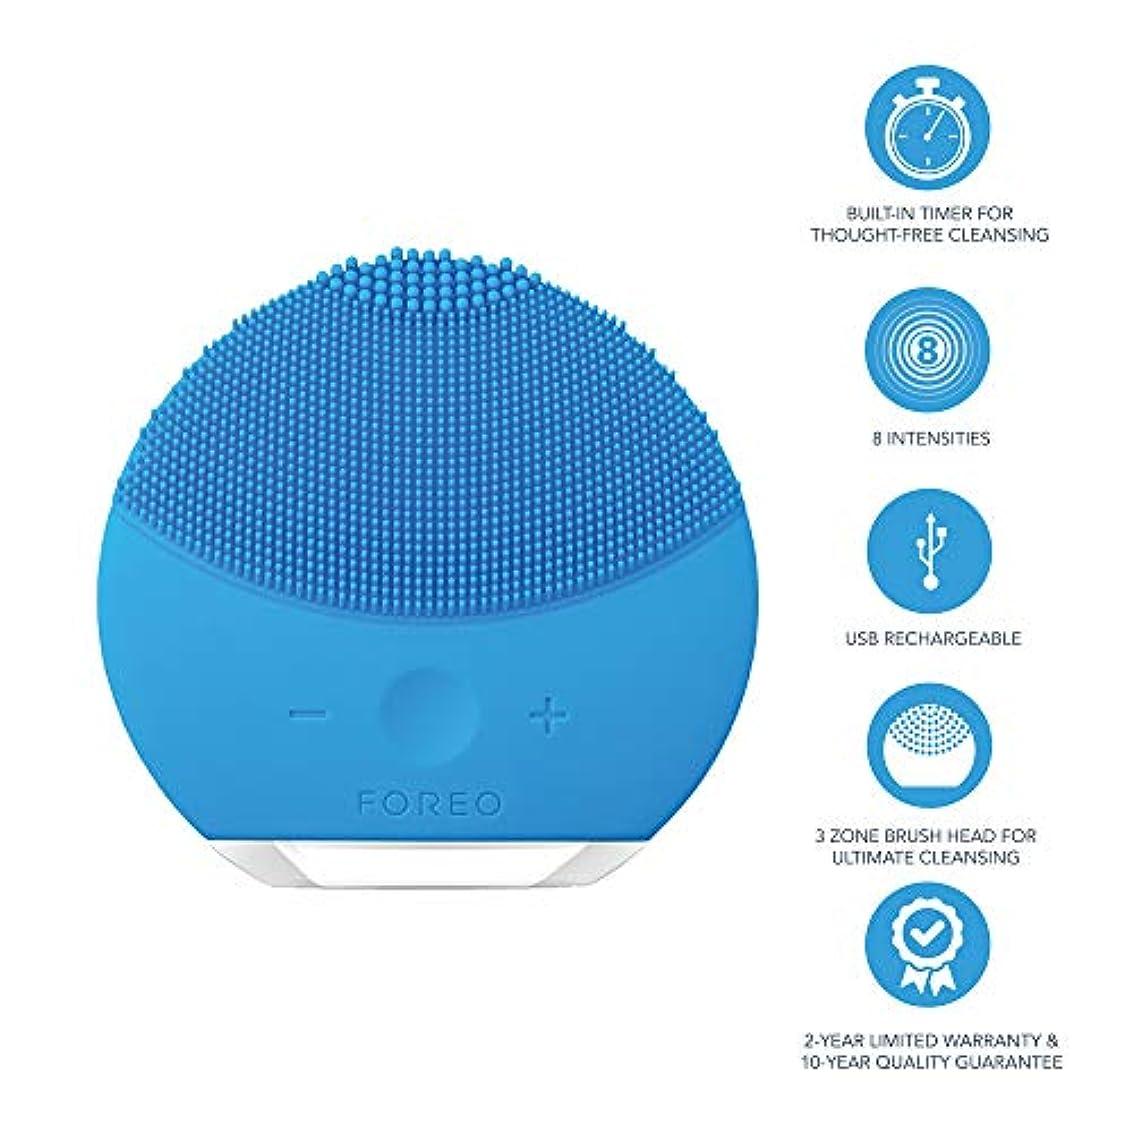 いちゃつく子音悲しみFOREO LUNA mini 2 アクアマリン 電動洗顔ブラシ シリコーン製 音波振動